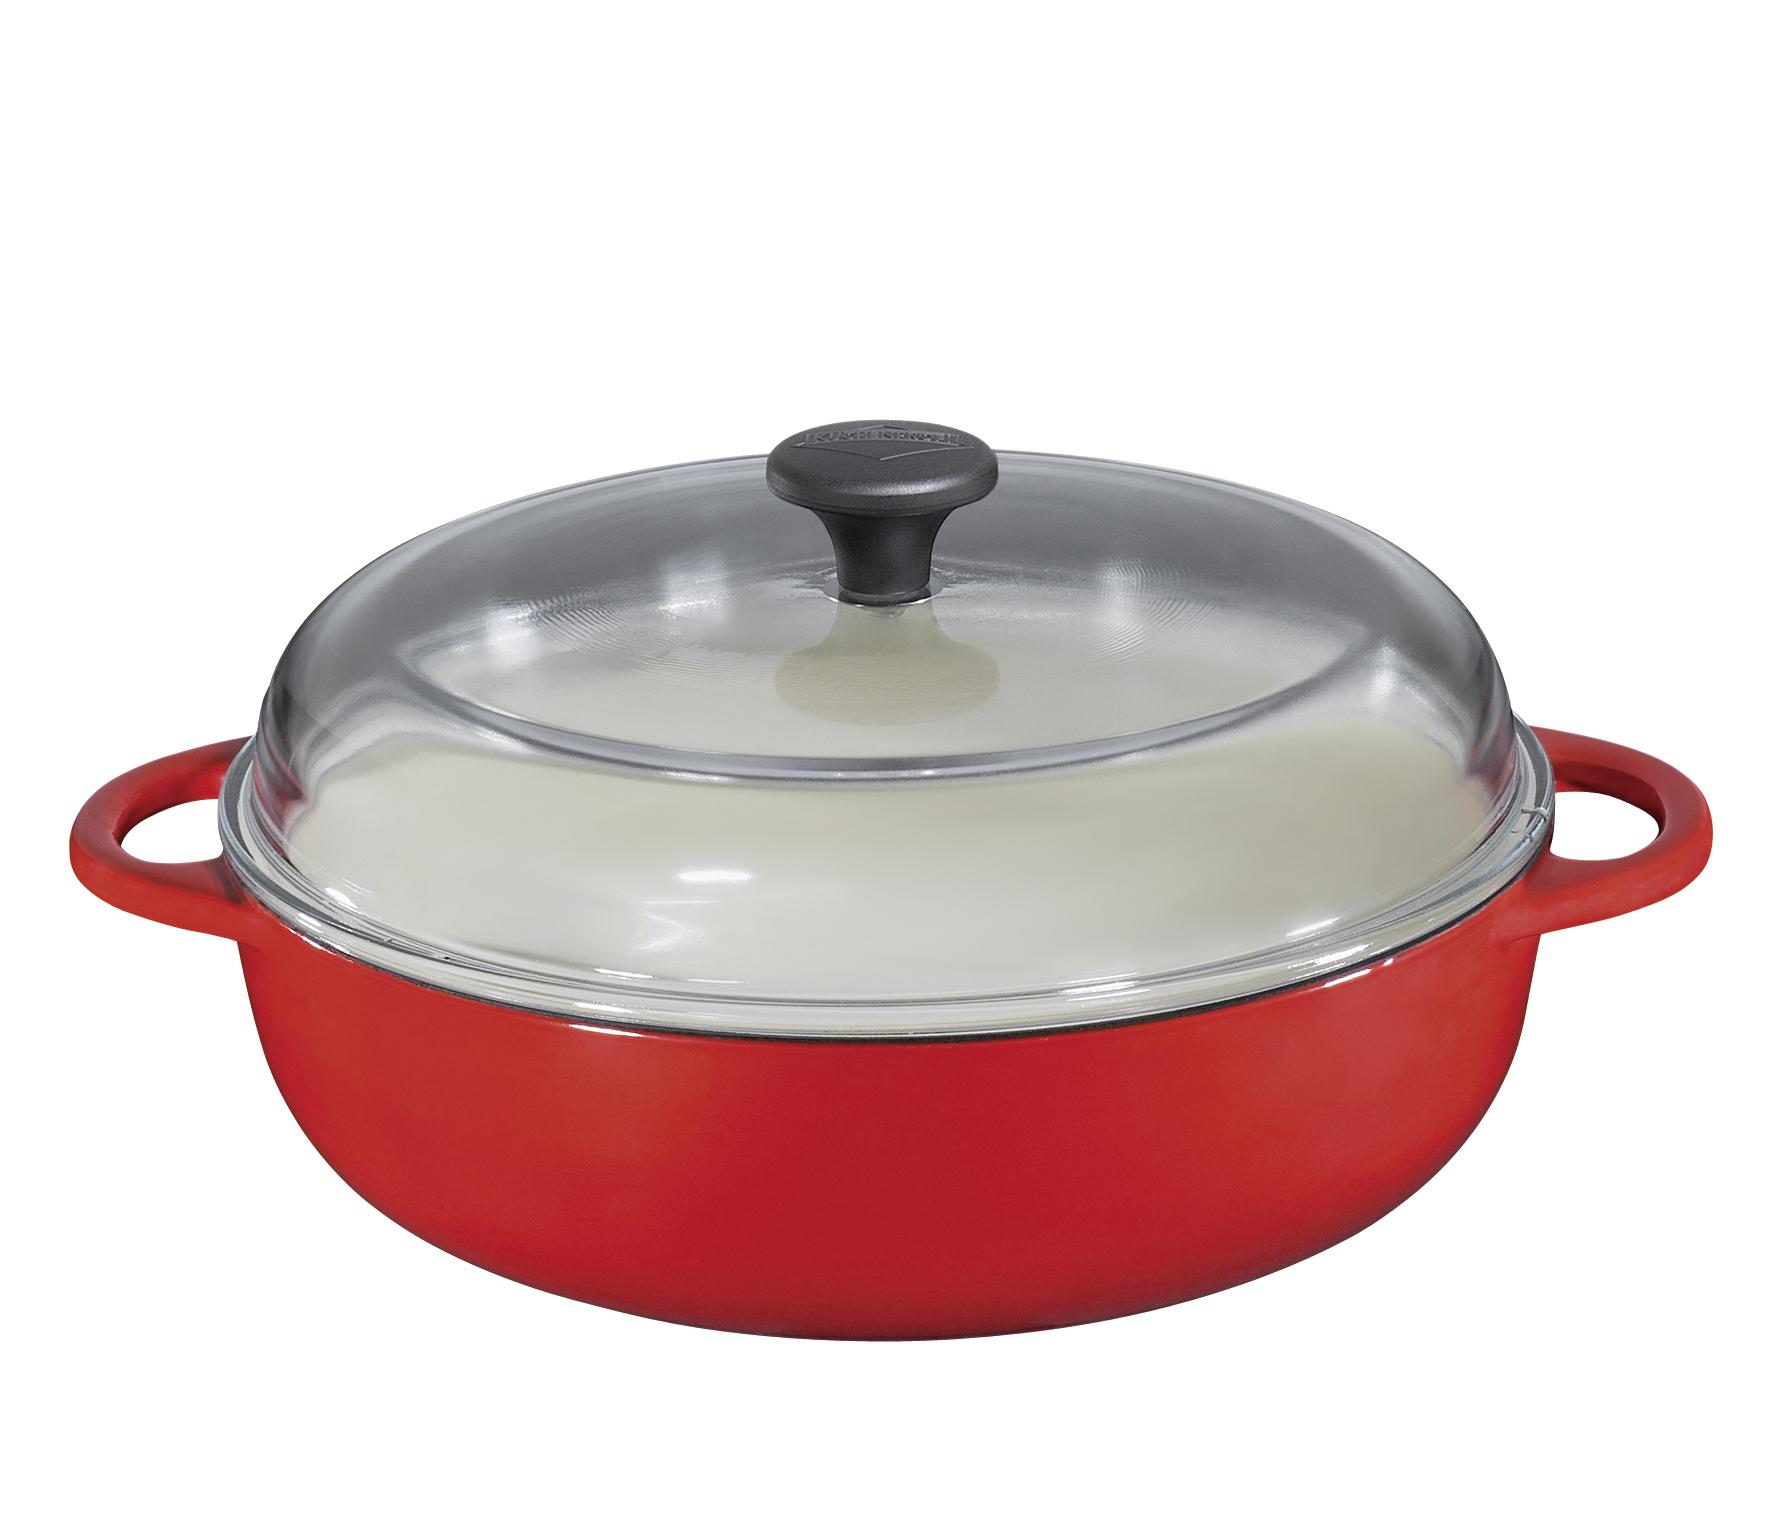 Farmářská pánev 24 cm červená Provence - Küchenprofi